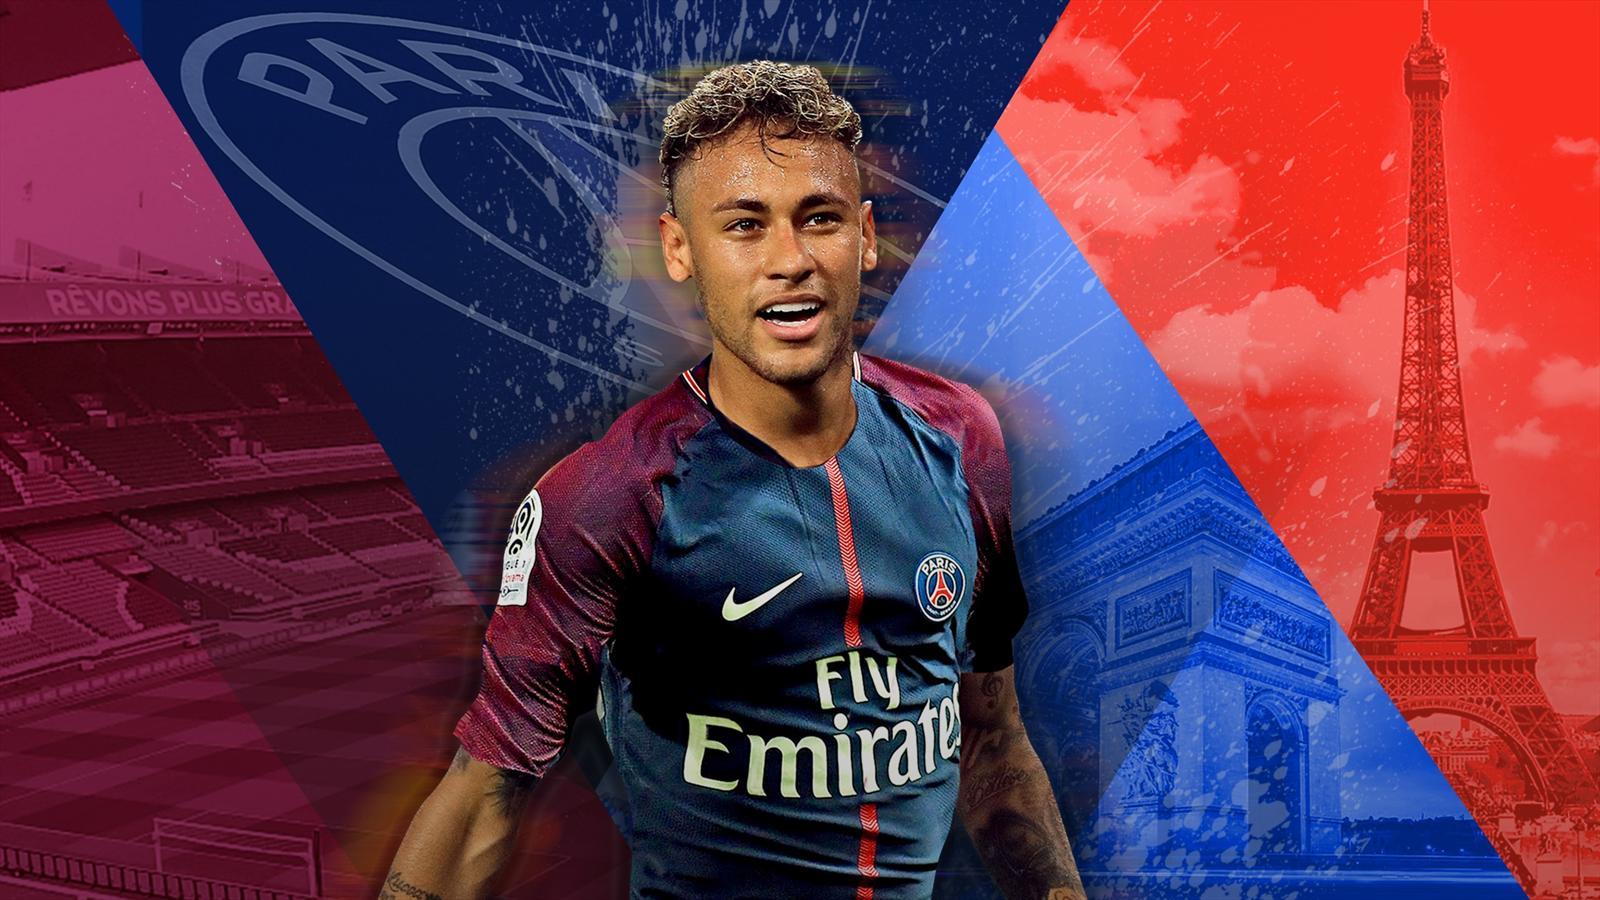 9d6c4f1b59d8a OFICIAL  Neymar ya es nuevo jugador del PSG - Fútbol - Eurosport Espana